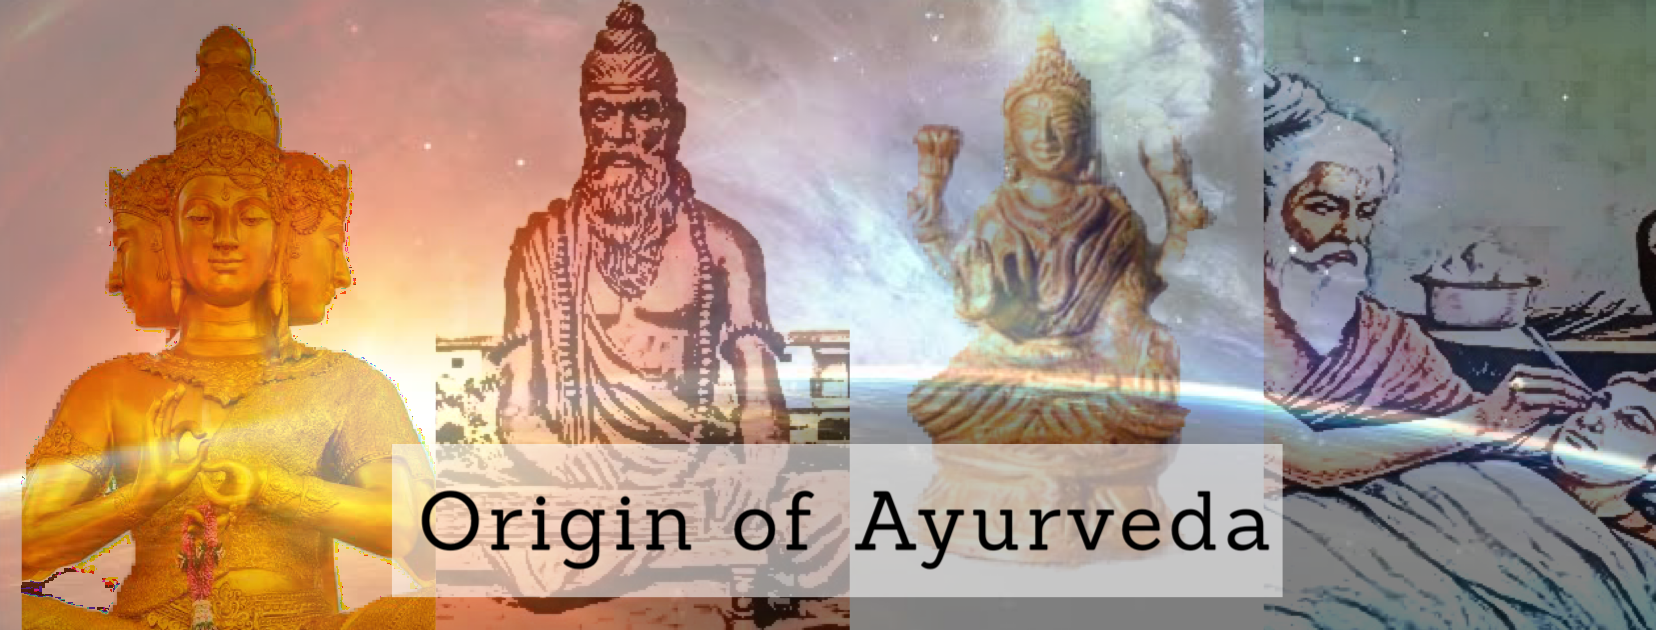 Origin of Ayurveda